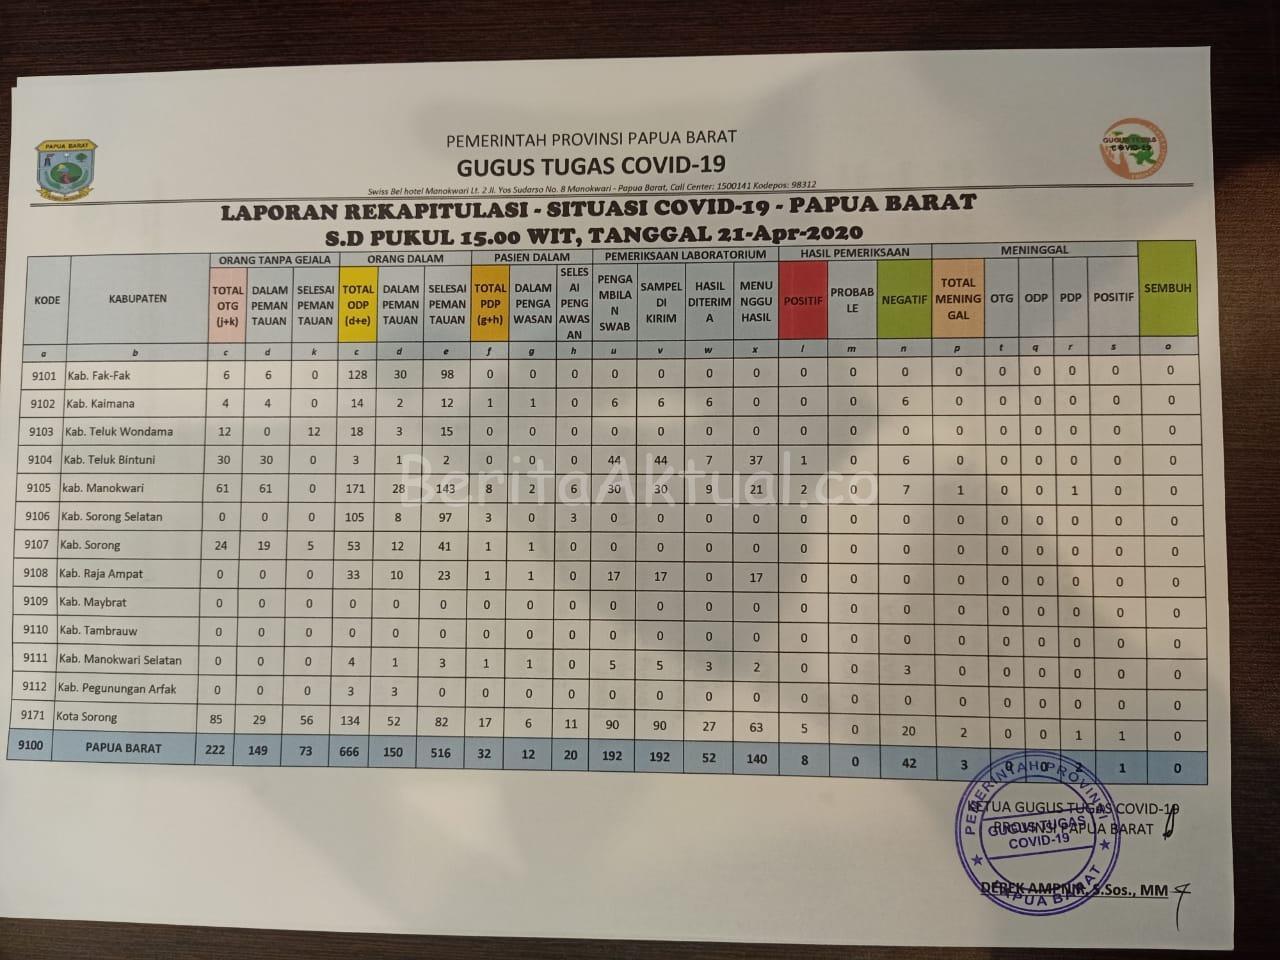 OTG di Papua Barat Per 21 April Bertambah 40 Orang 5 IMG 20200421 WA0072